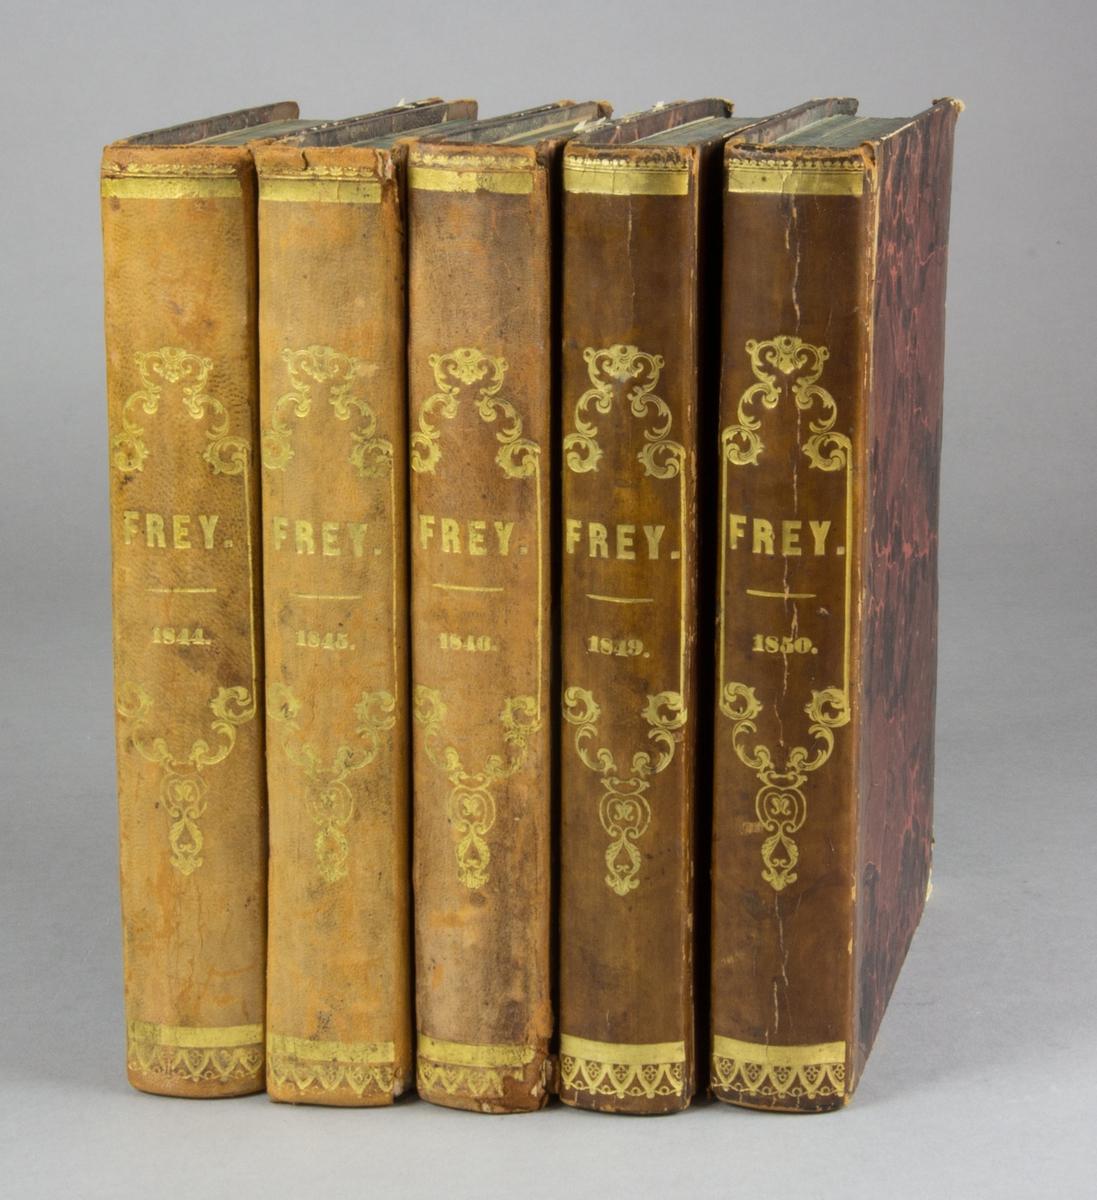 Bokband bestående av fem inbundna tidskrifter.